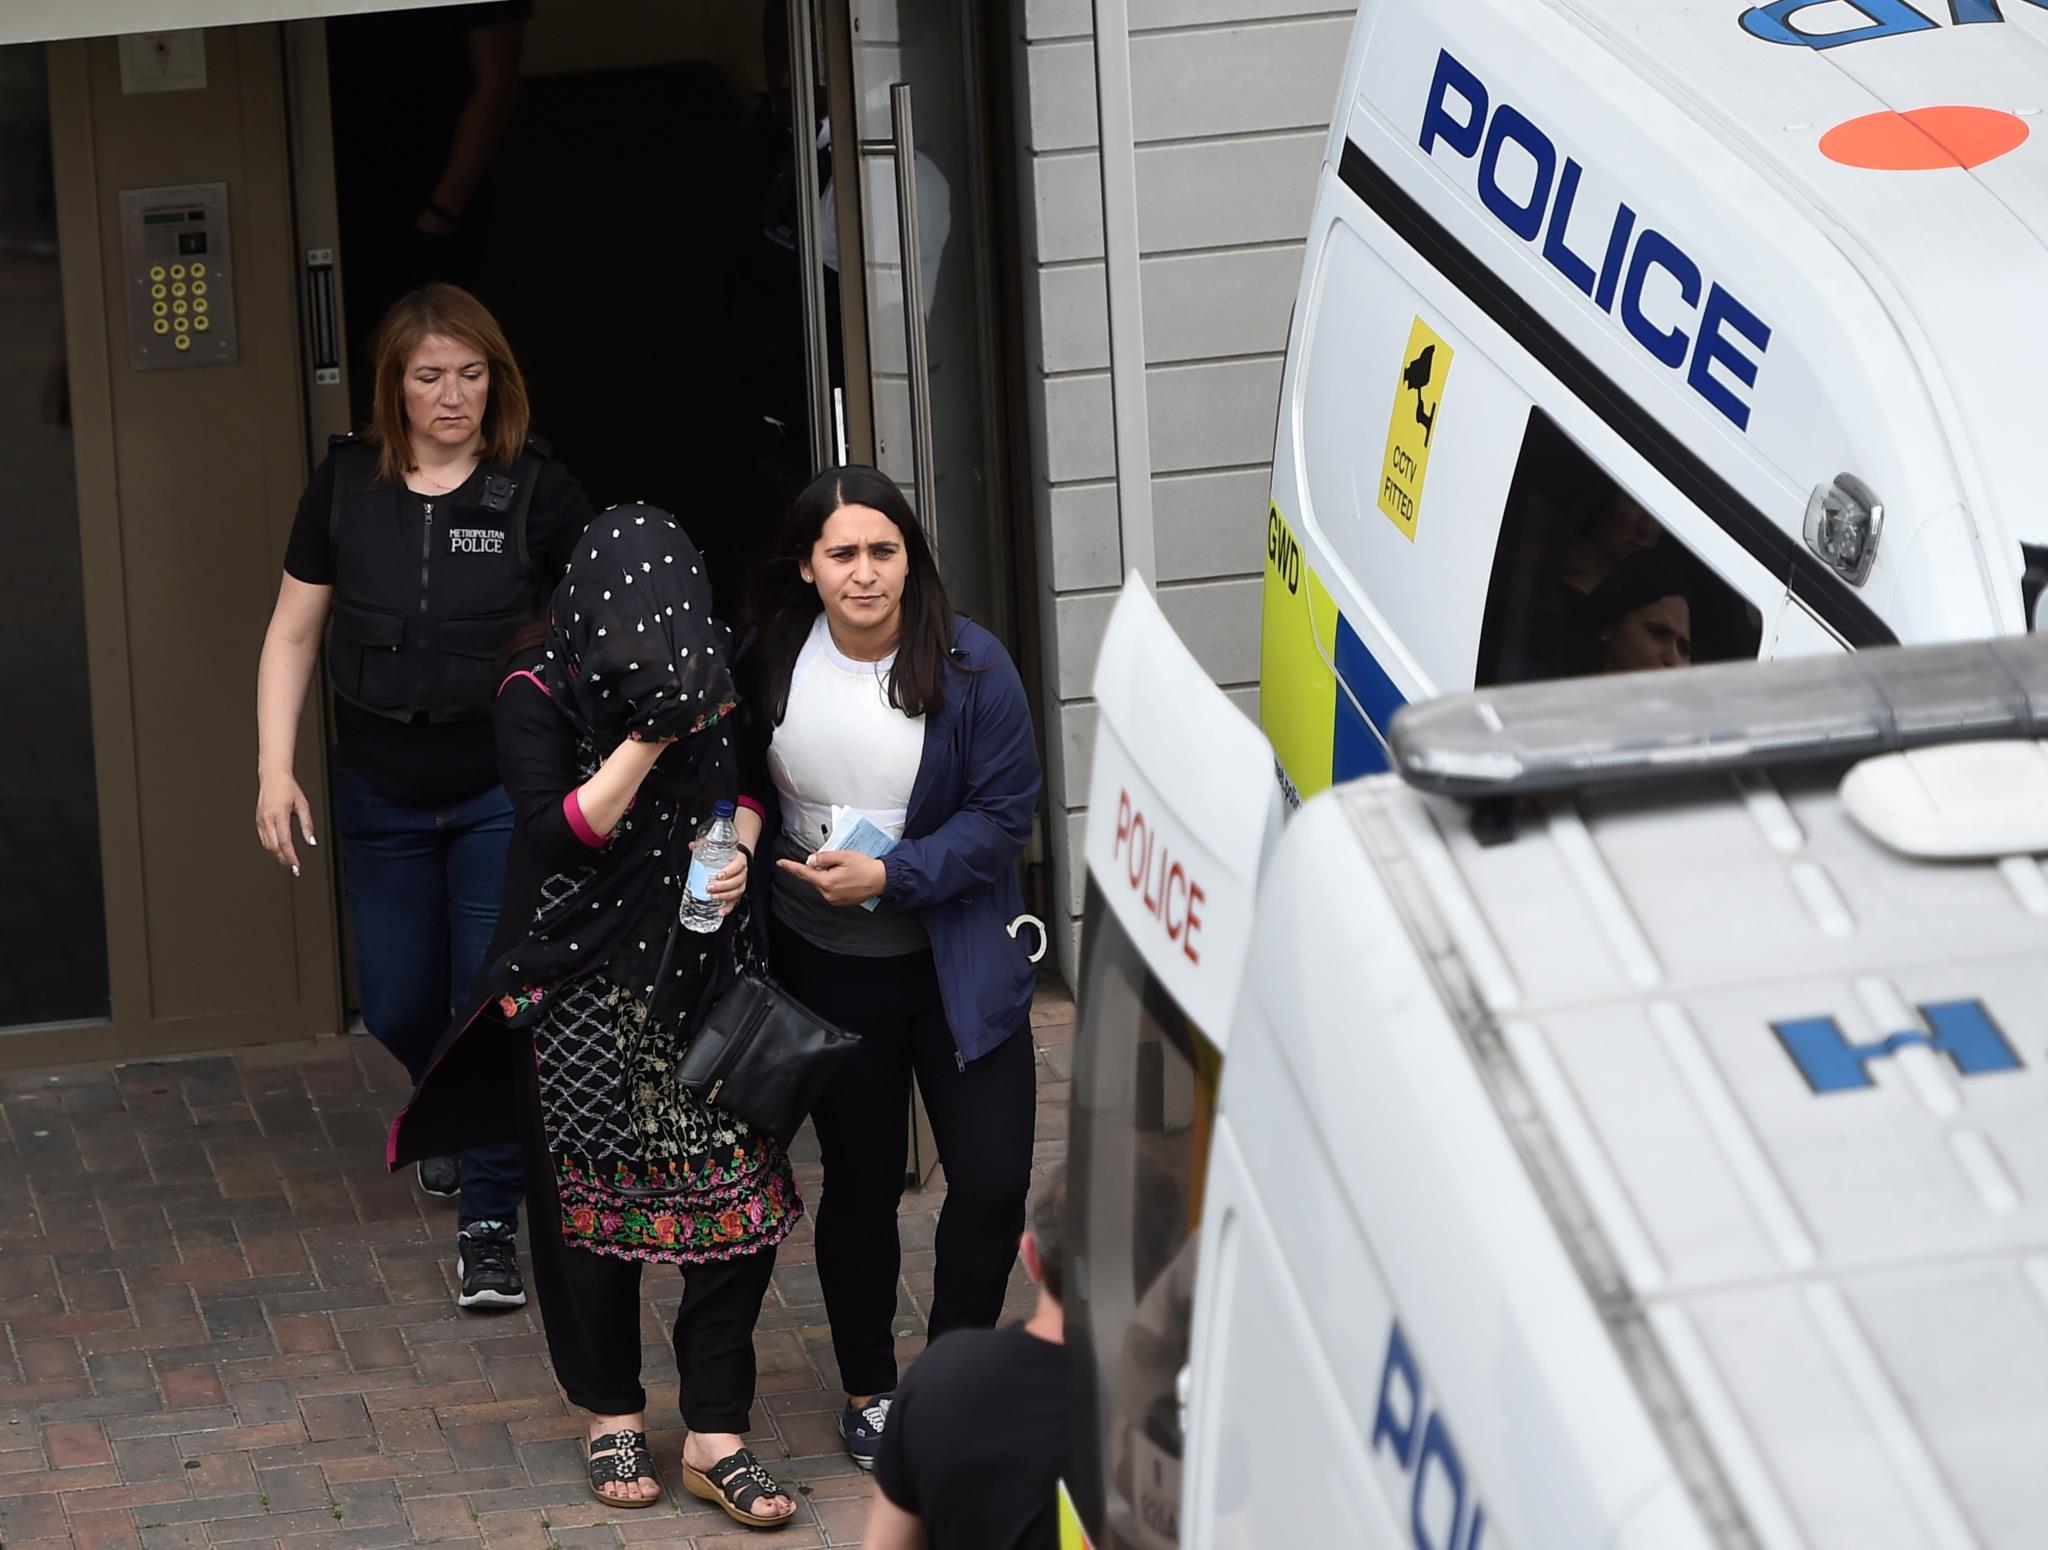 A polícia acompanha um dos detidos